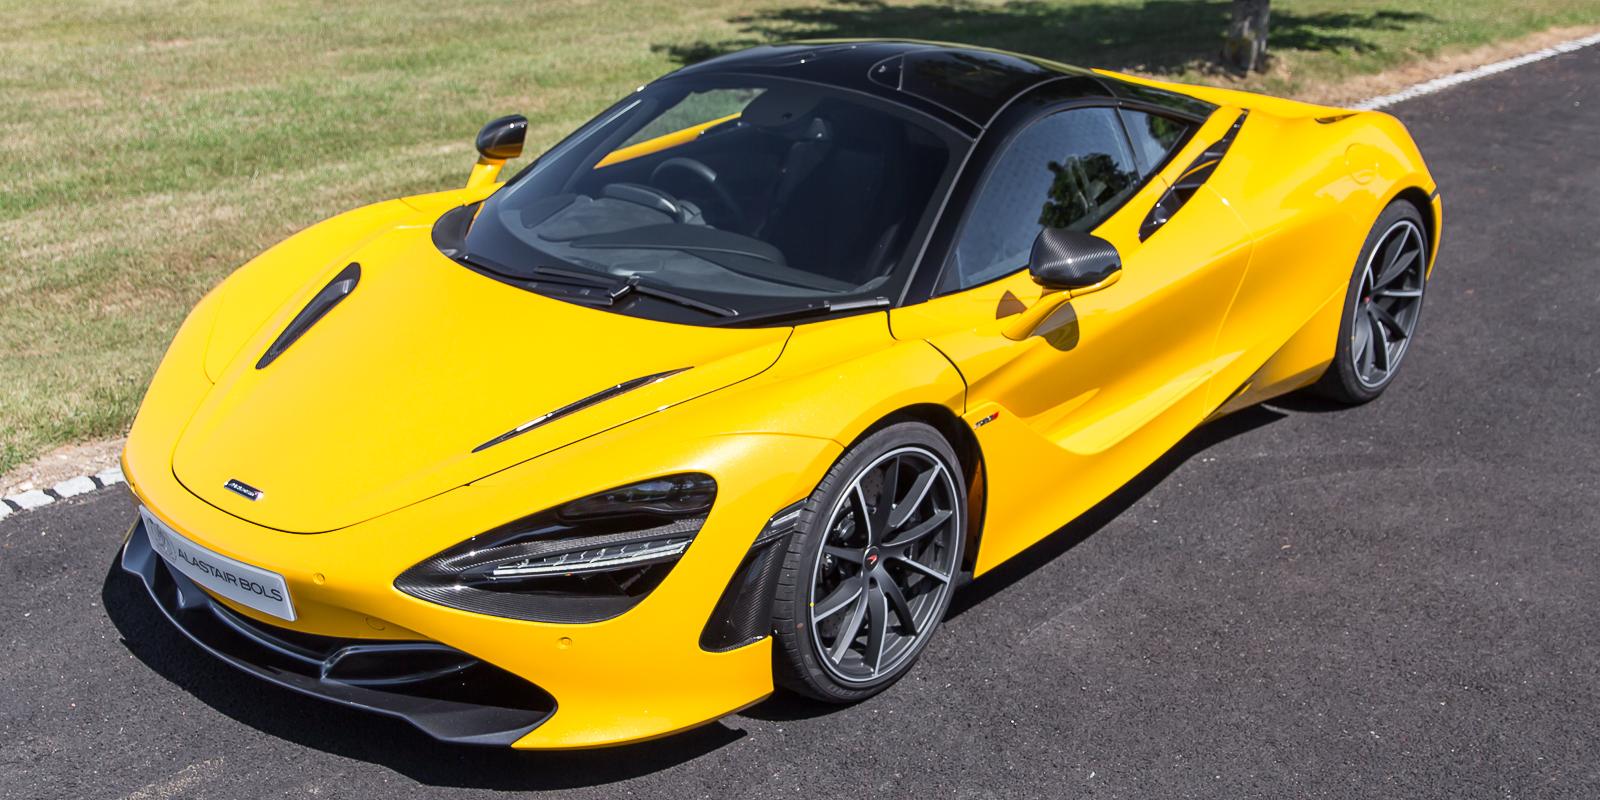 McLaren 720S Performance in Volcano Yellow